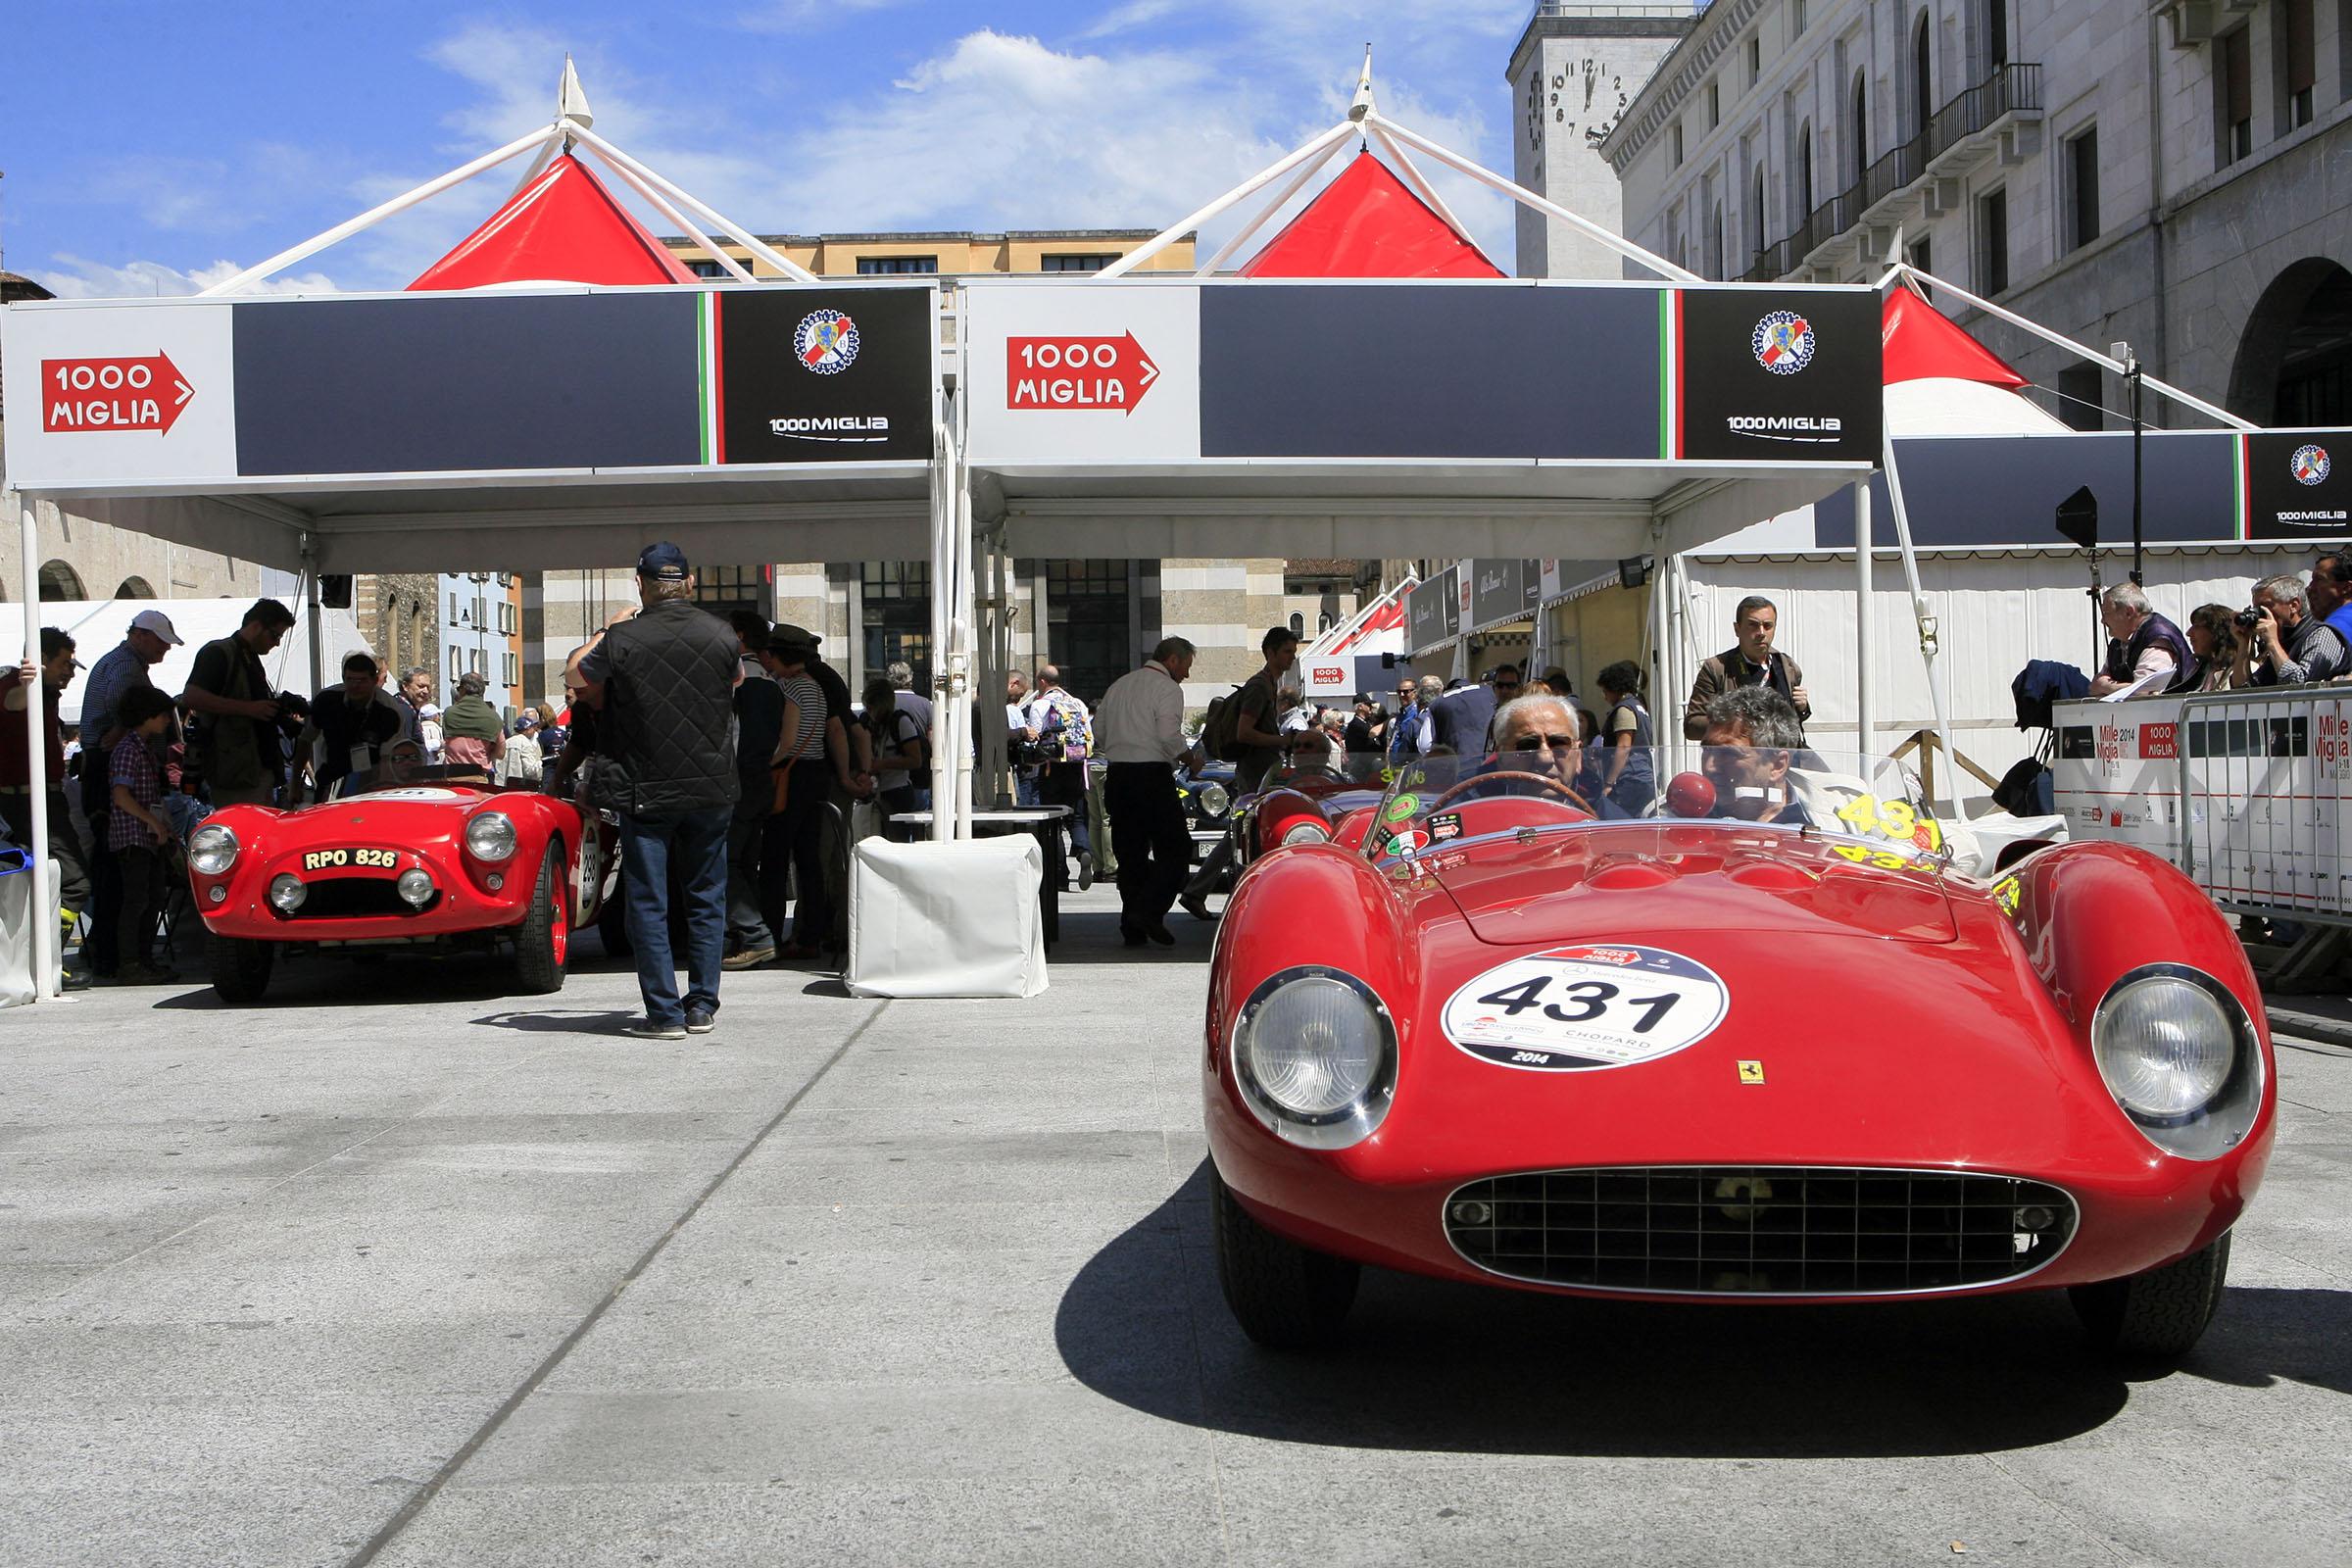 431 - CAGGIATI Claudio (I) + SASSI Emilio (I) - Ferrari 500 TRC spider Scaglietti (1957)